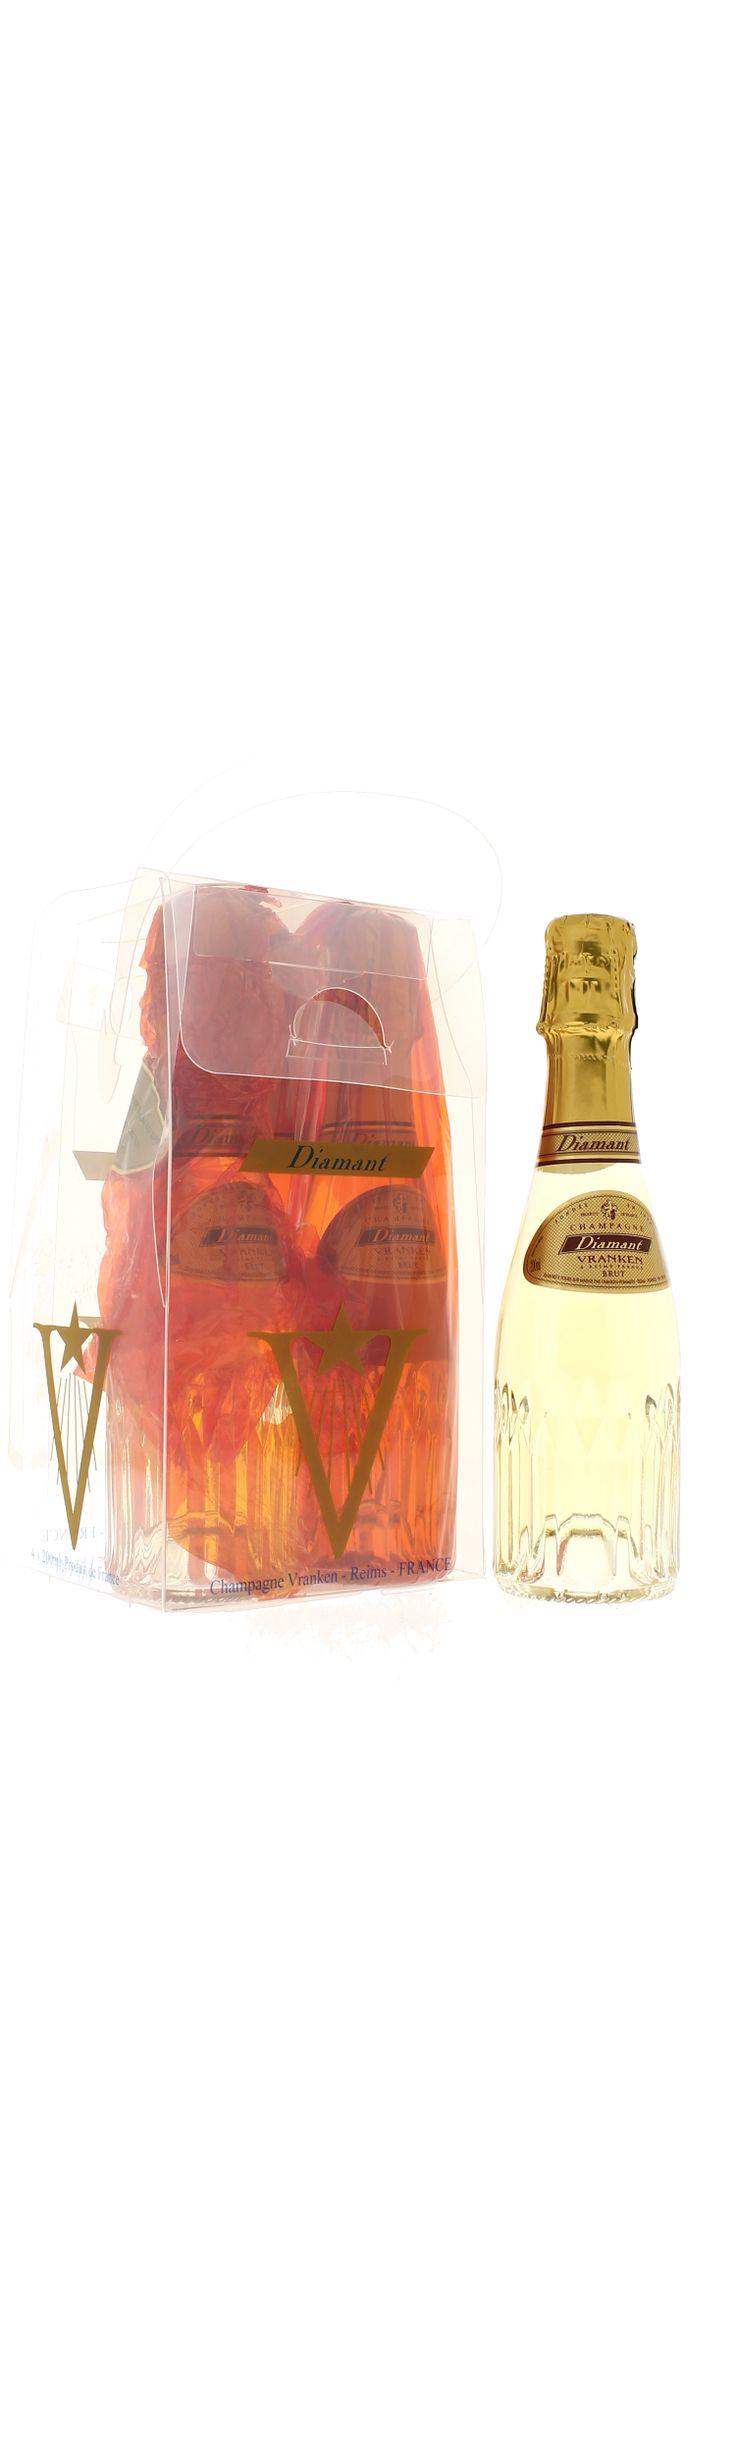 DIAMANT DE VRANKEN PACK QUATRE BRUT - achat/vente de Champagne